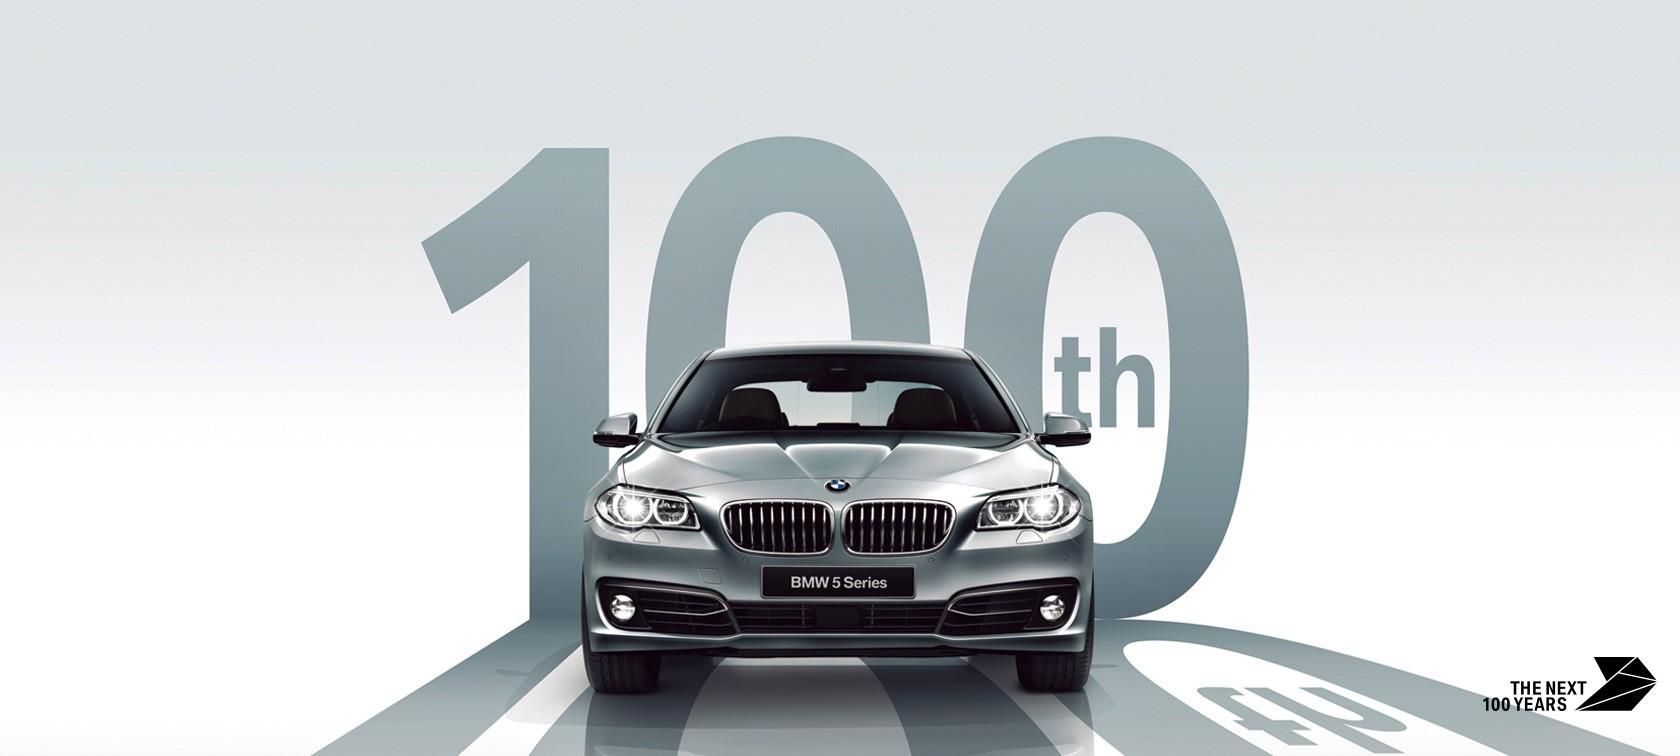 BMW歴代5シリーズのフロントフェイス比較画像がInstagramで流れてきたので3シリーズ版を作ってみました^^